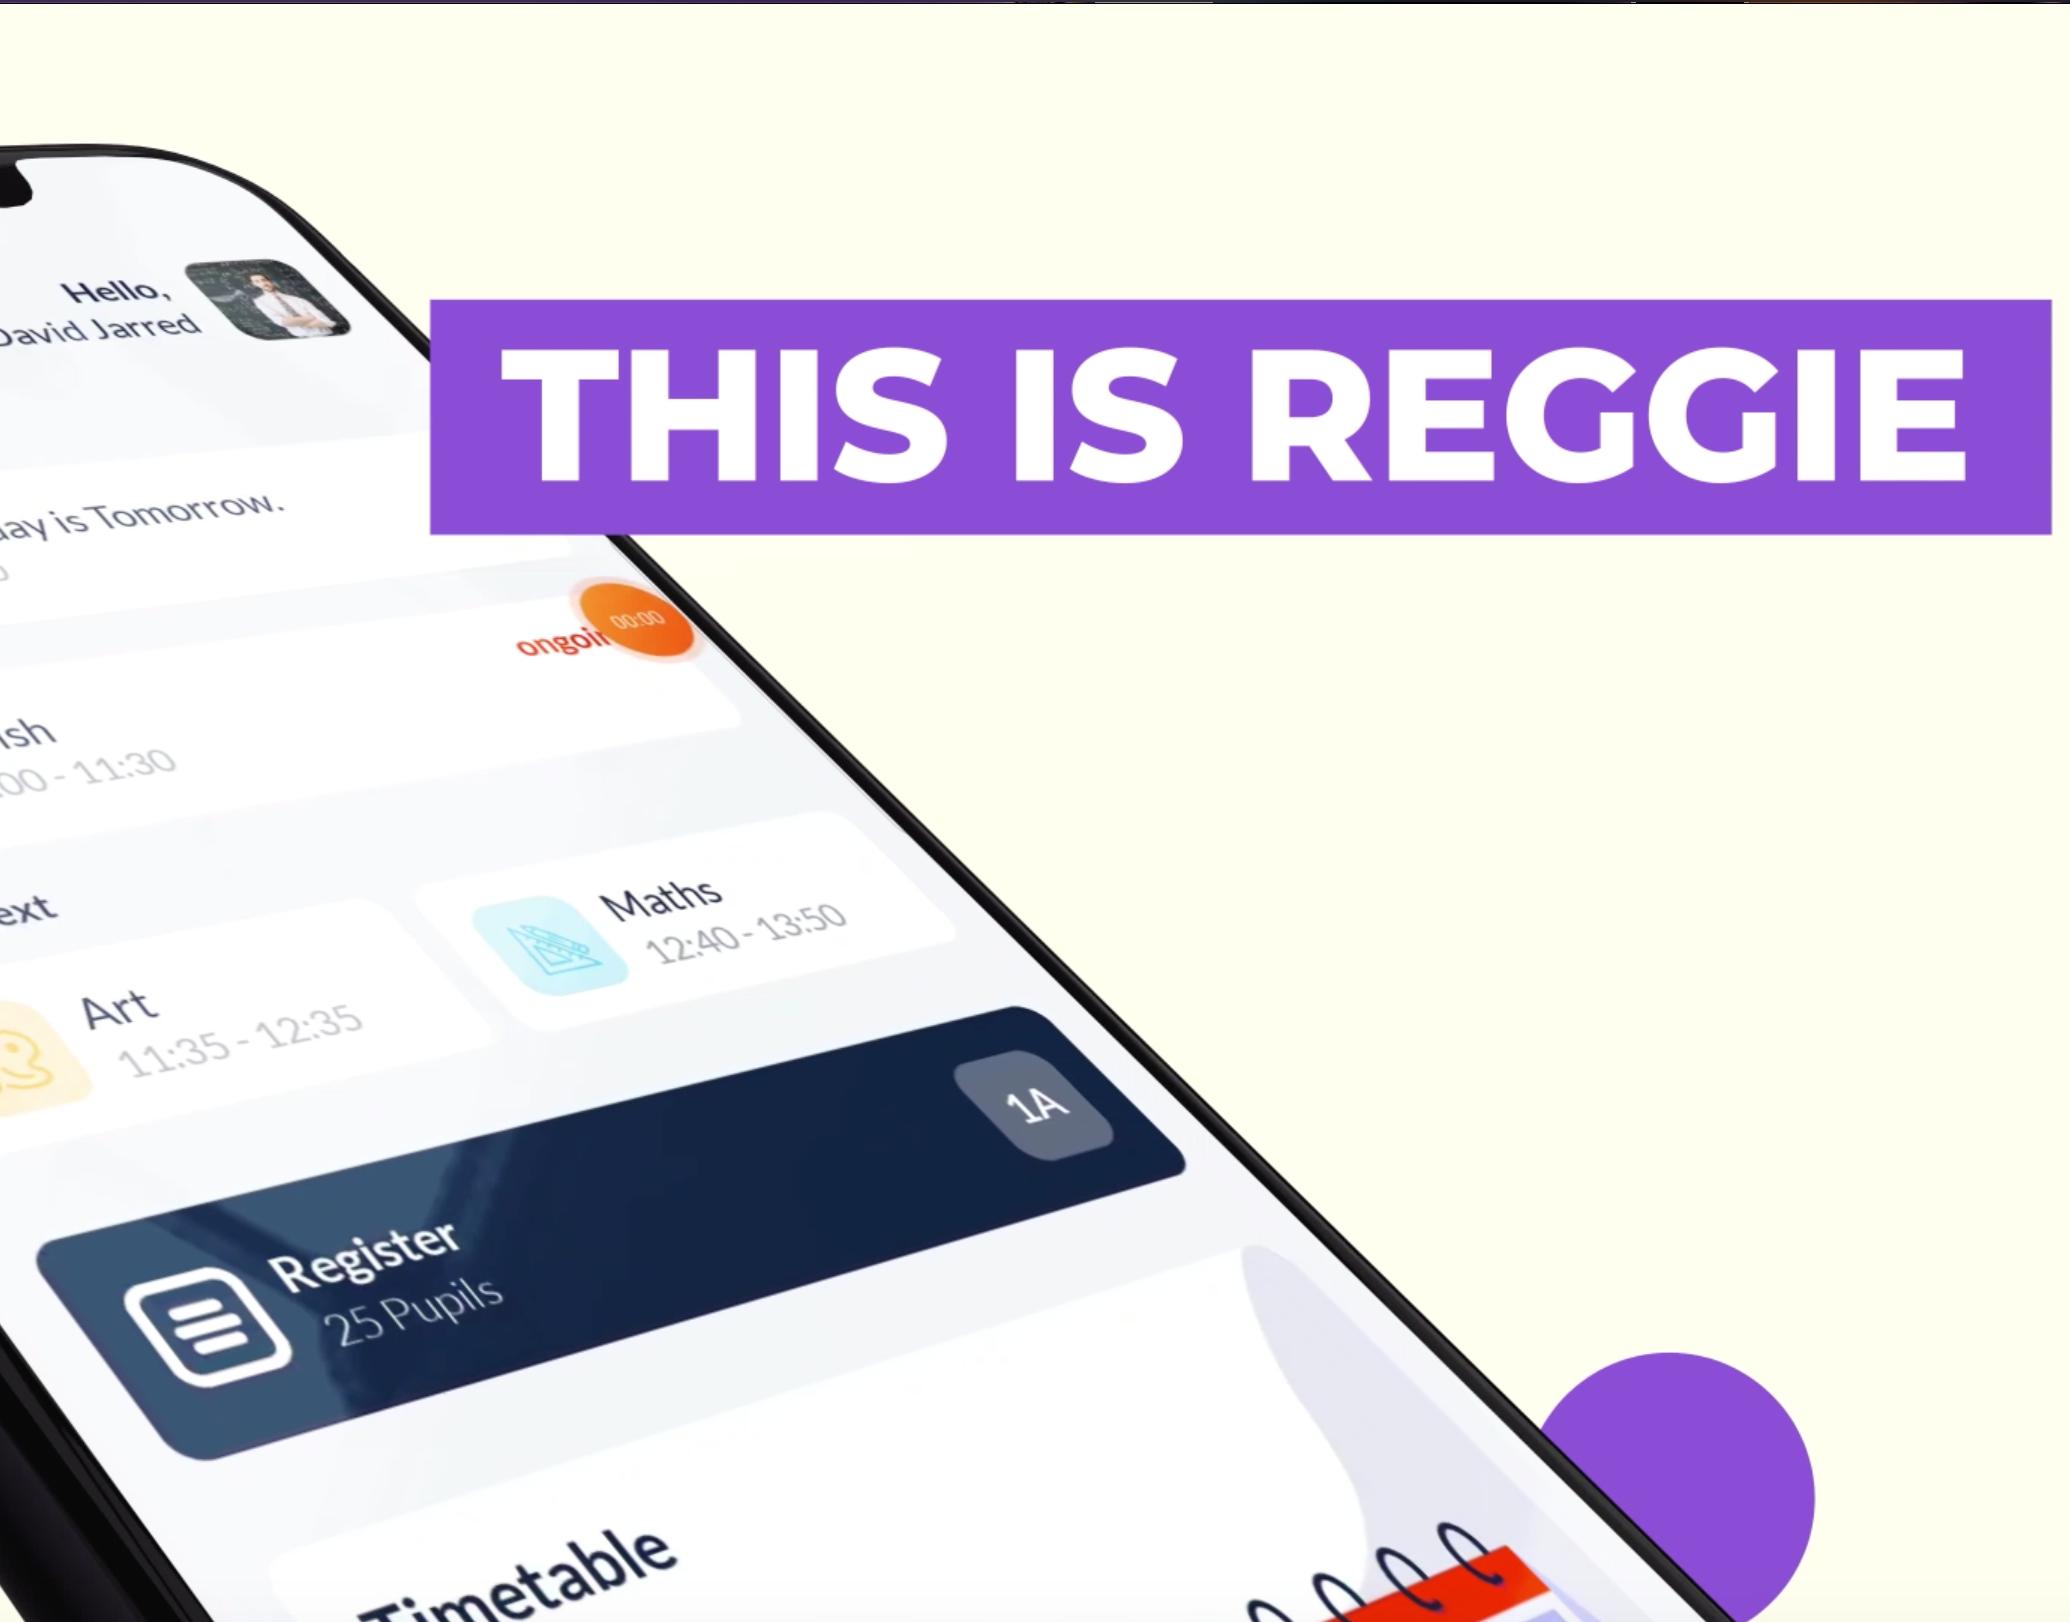 NEW Reggie® Education App in early 2021!